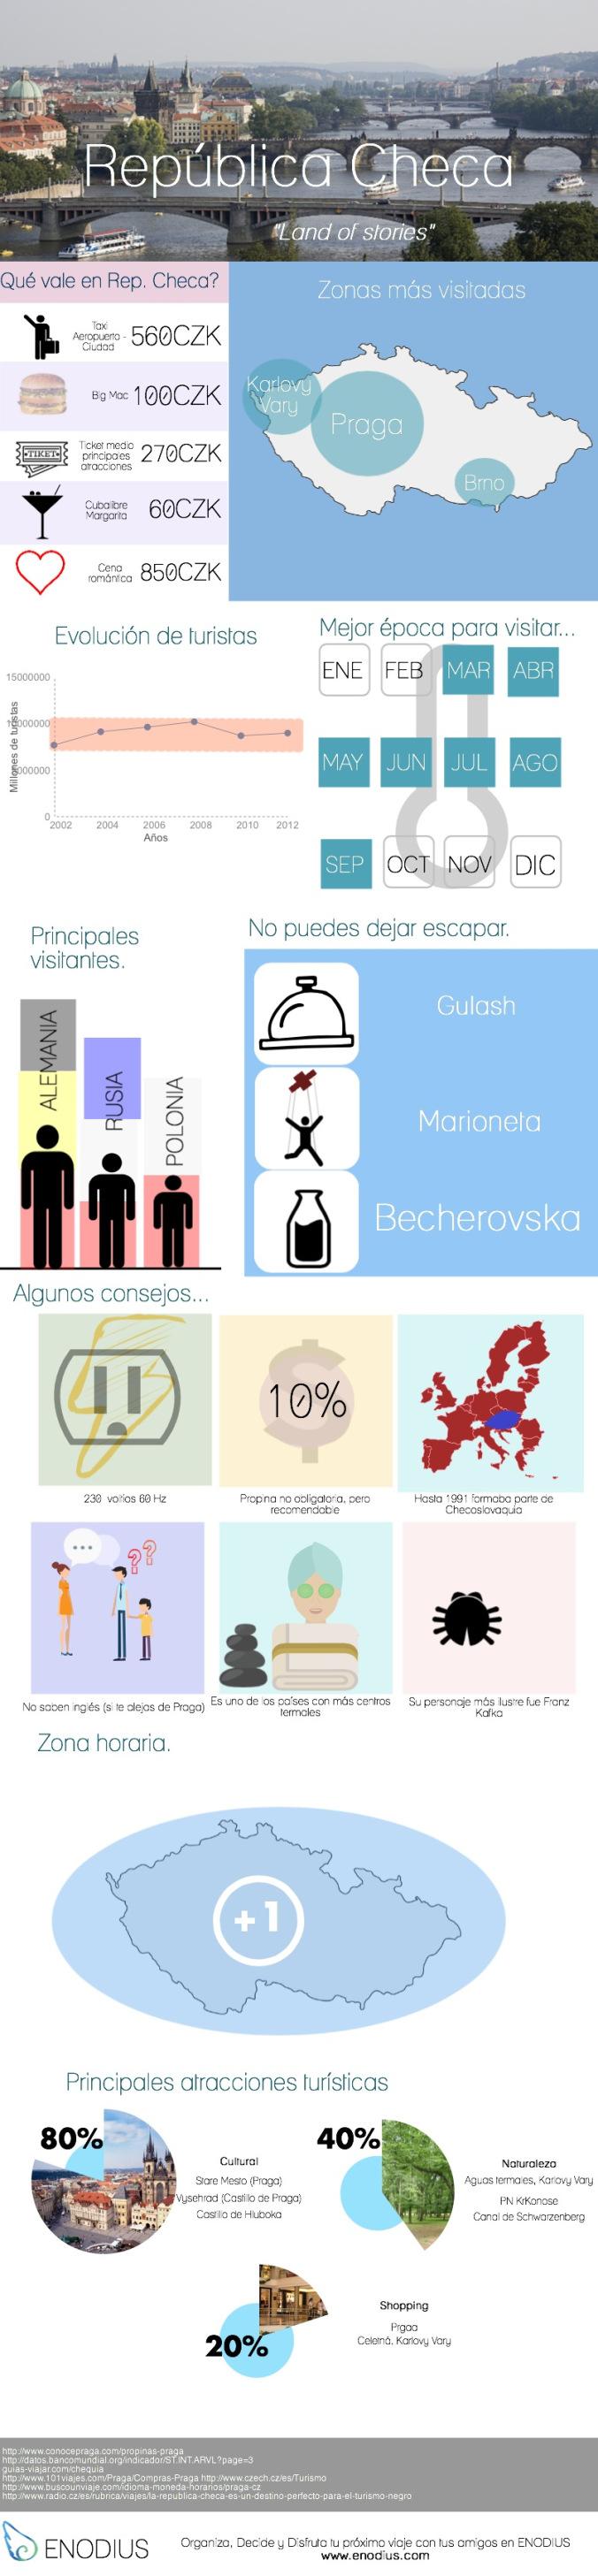 Un recorrido por la República Checa